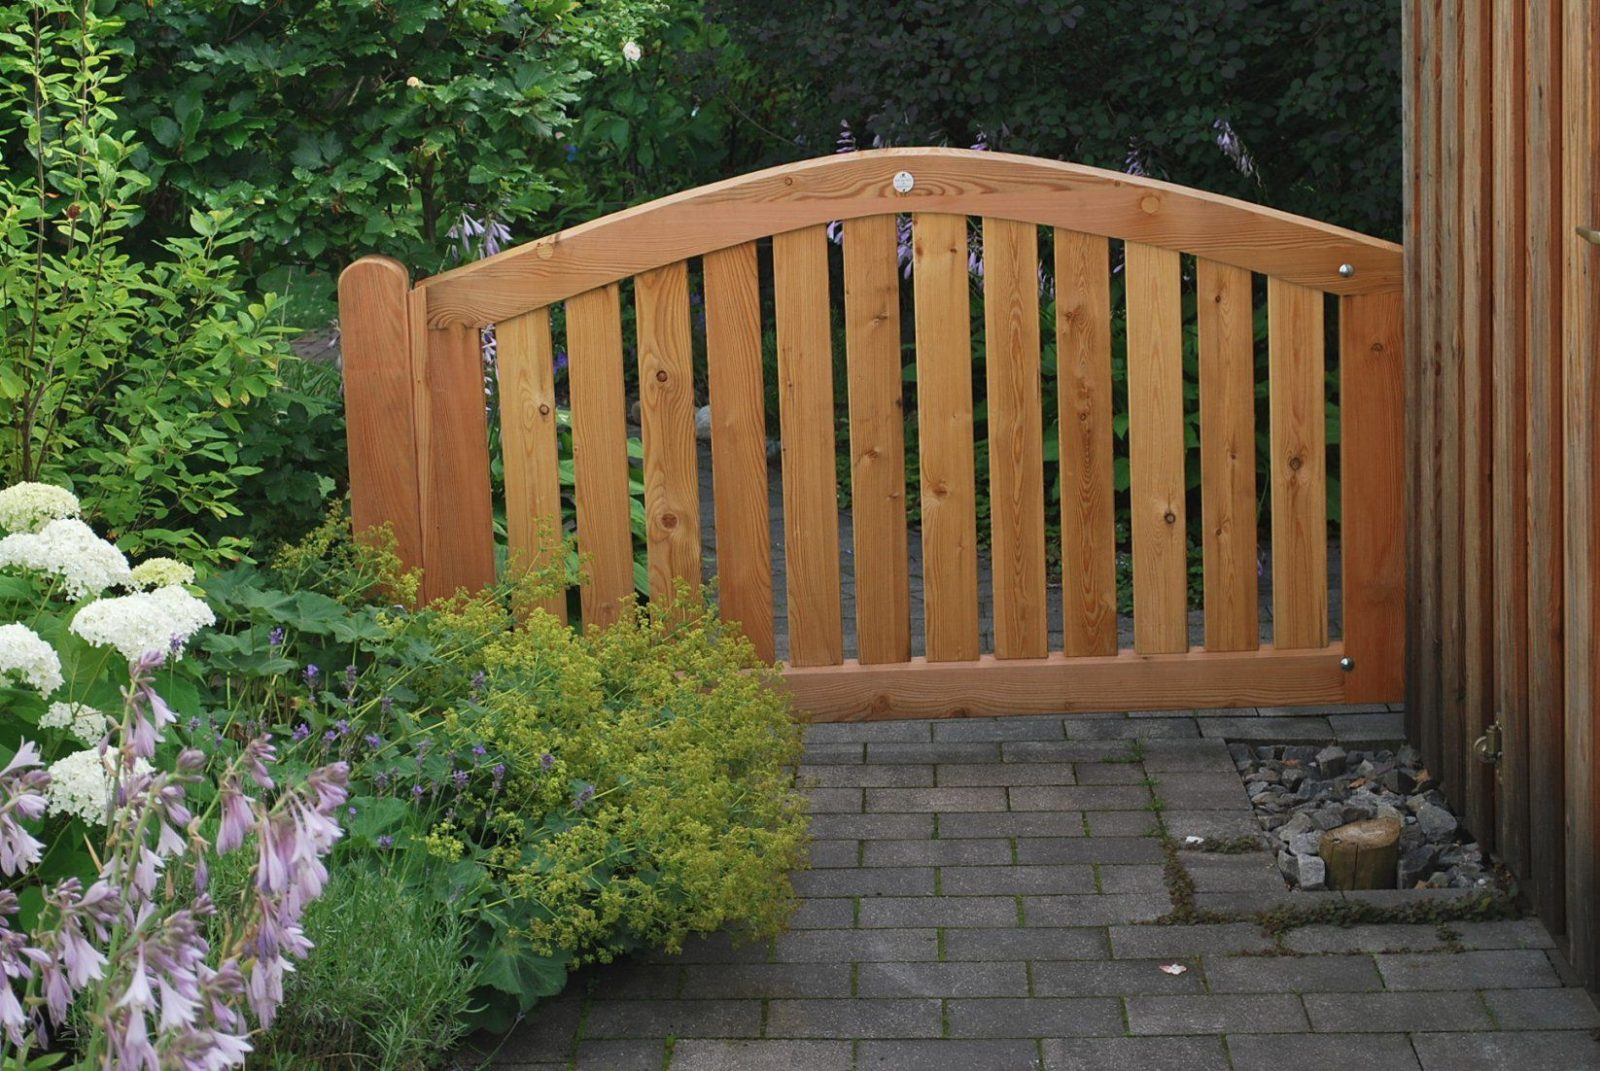 Gartentor Holz Nach Maß Mit Zaunanlagen Tore Individuell Gestalten von Gartentor Holz Nach Maß Bild